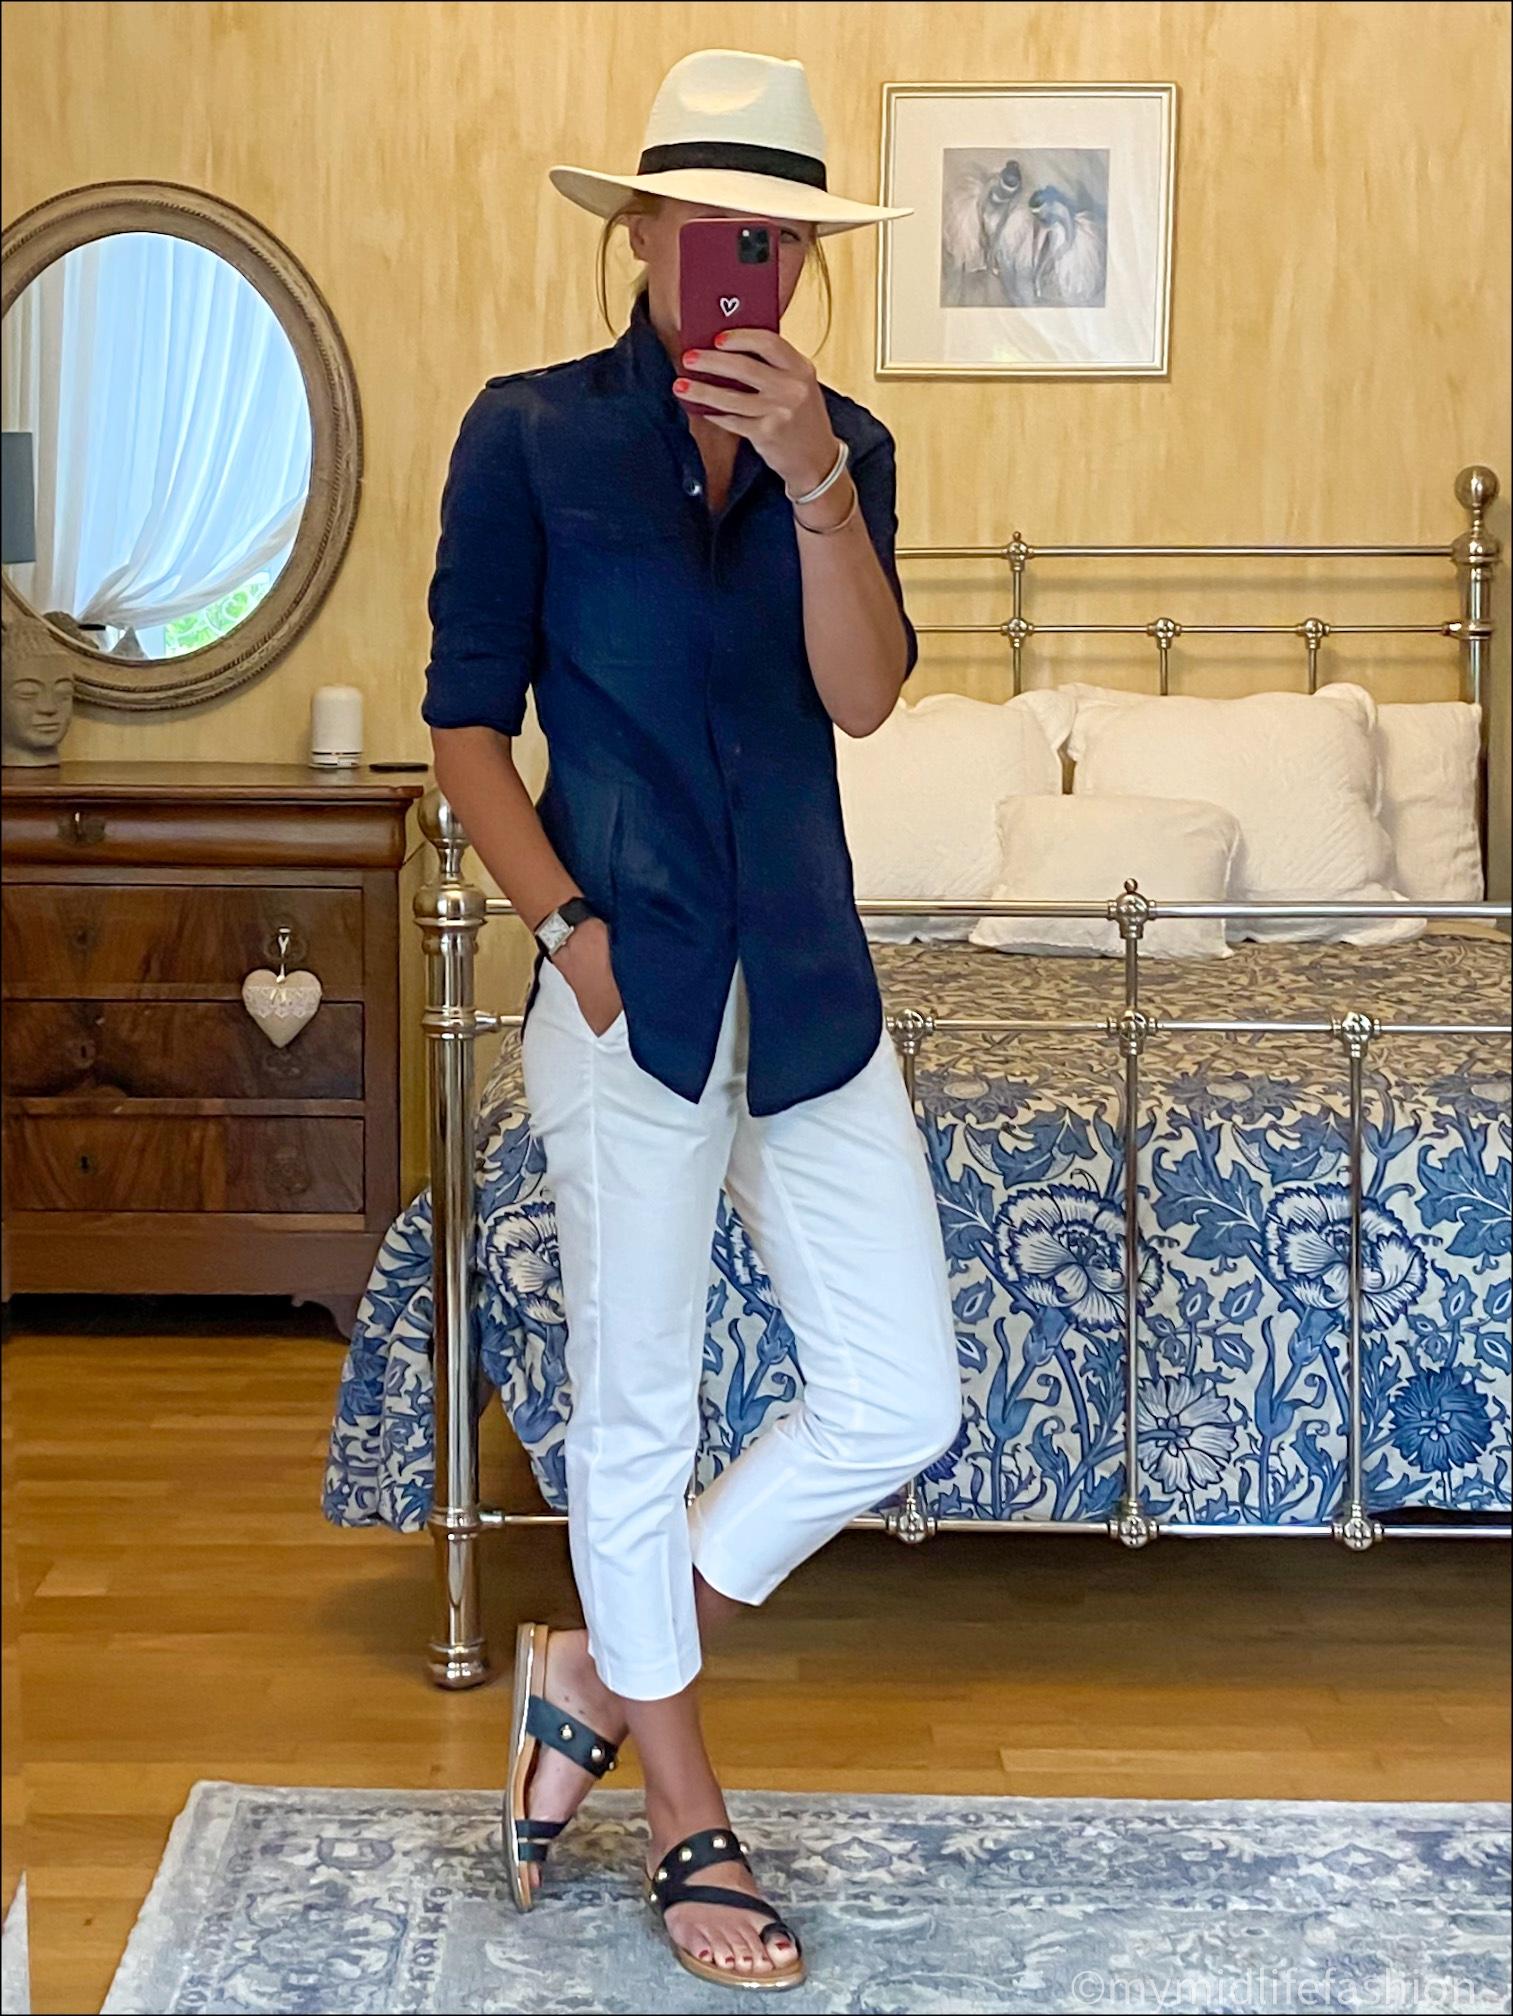 my midlife fashion, carvela karafe sandals, Zara Panama hat, Isabel Marant etoile overshirt, marks and Spencer capri trousers